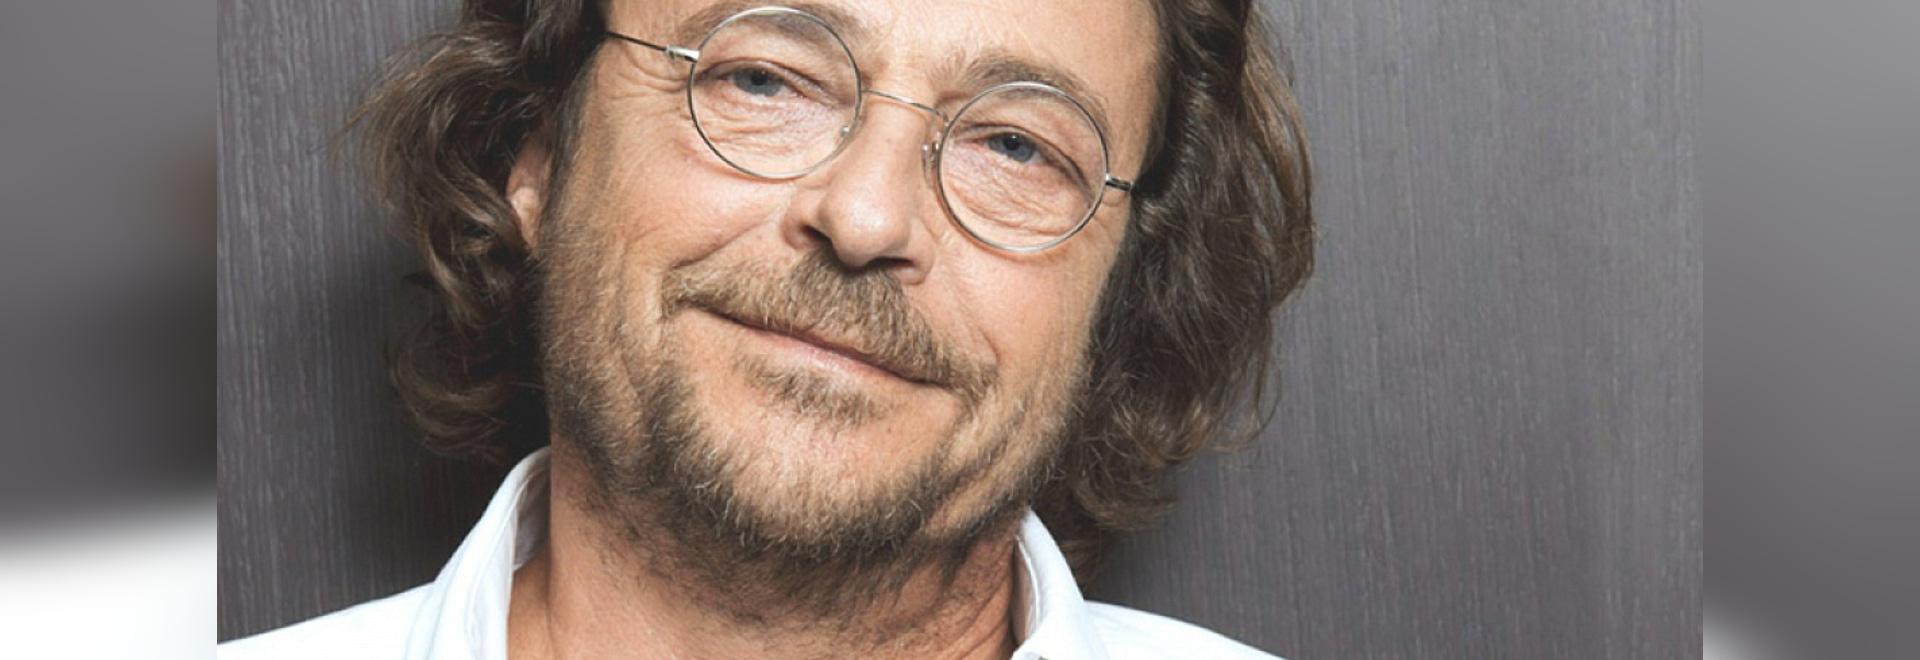 Marc Van Peteghem (courtoisie de TEDx)